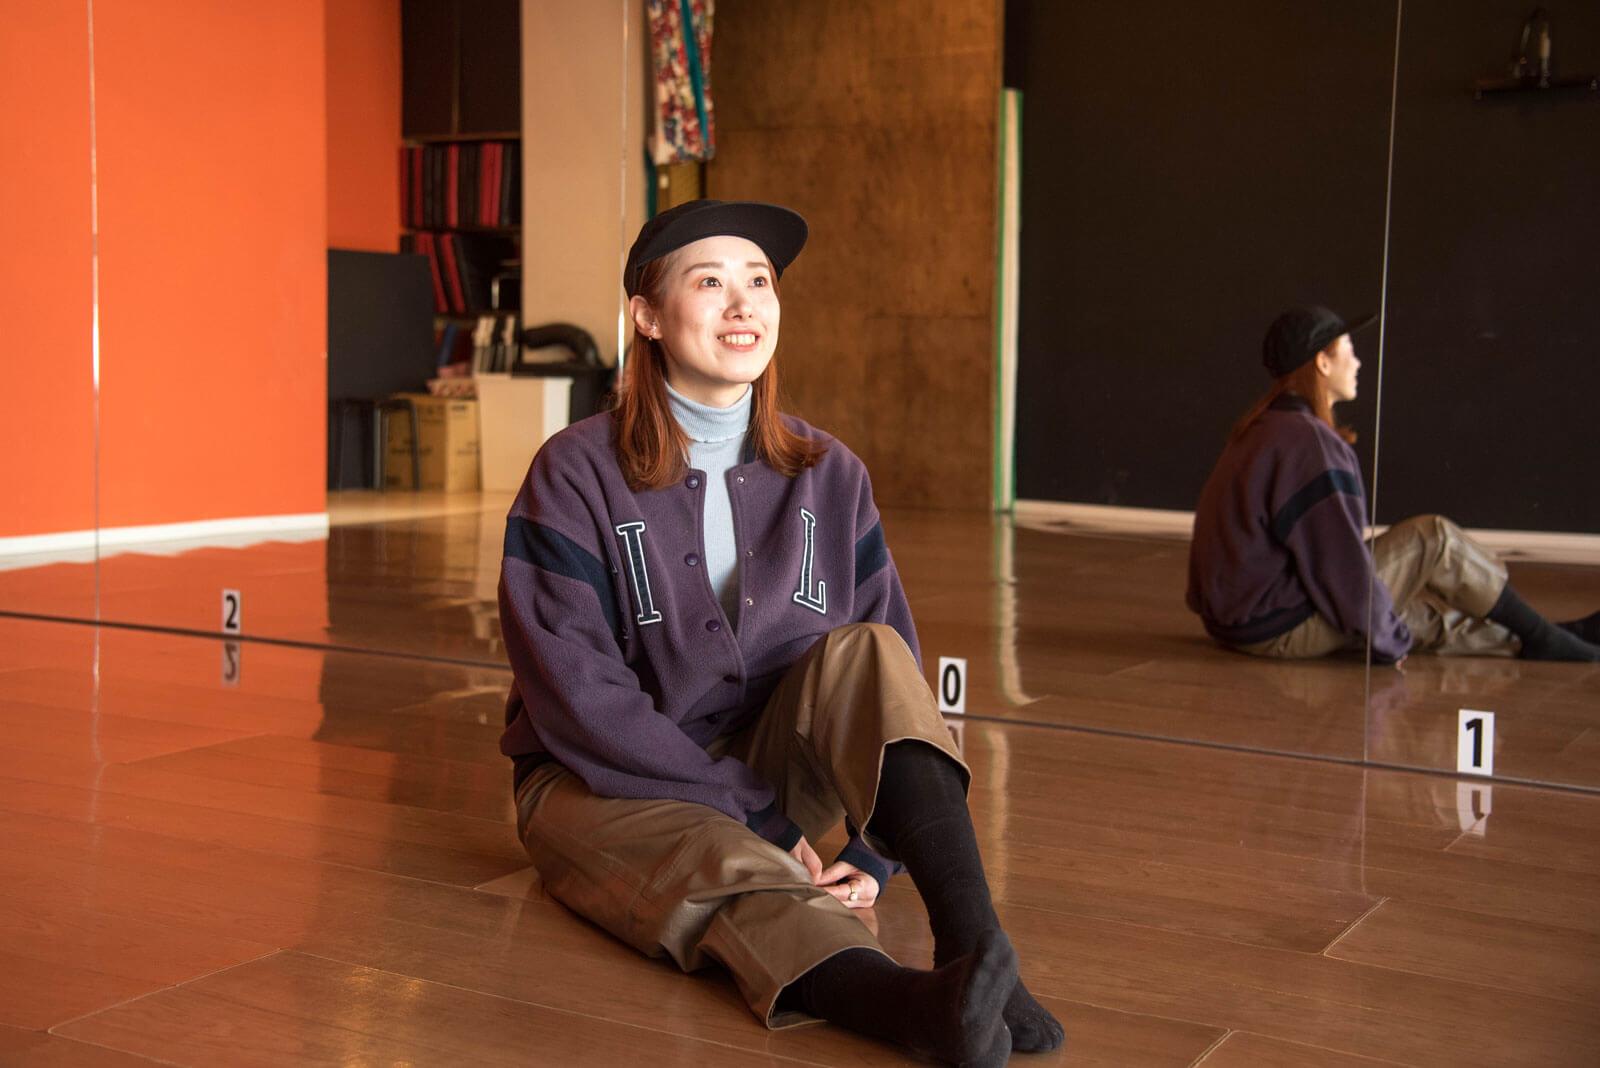 ローカルWEBメディア・地域サイト 地元サイト 草加ローカルストーリー 岡本朱里 ダンサー 坐禅 3枚目写真